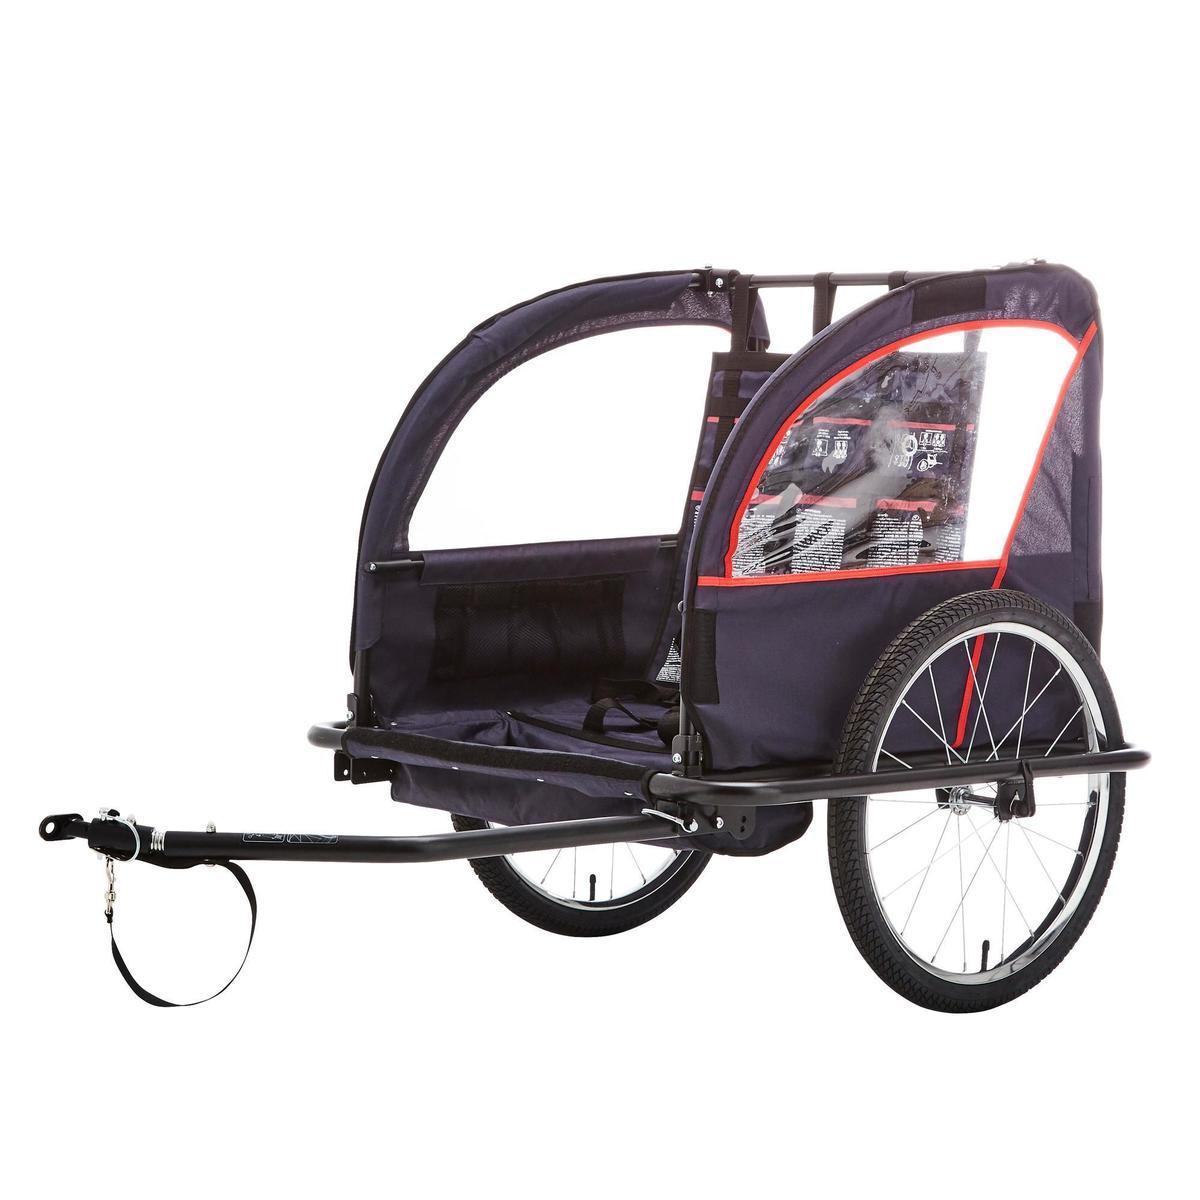 Bild 3 von Kinder-Fahrradanhänger 100 Stahlgestell indigoblau